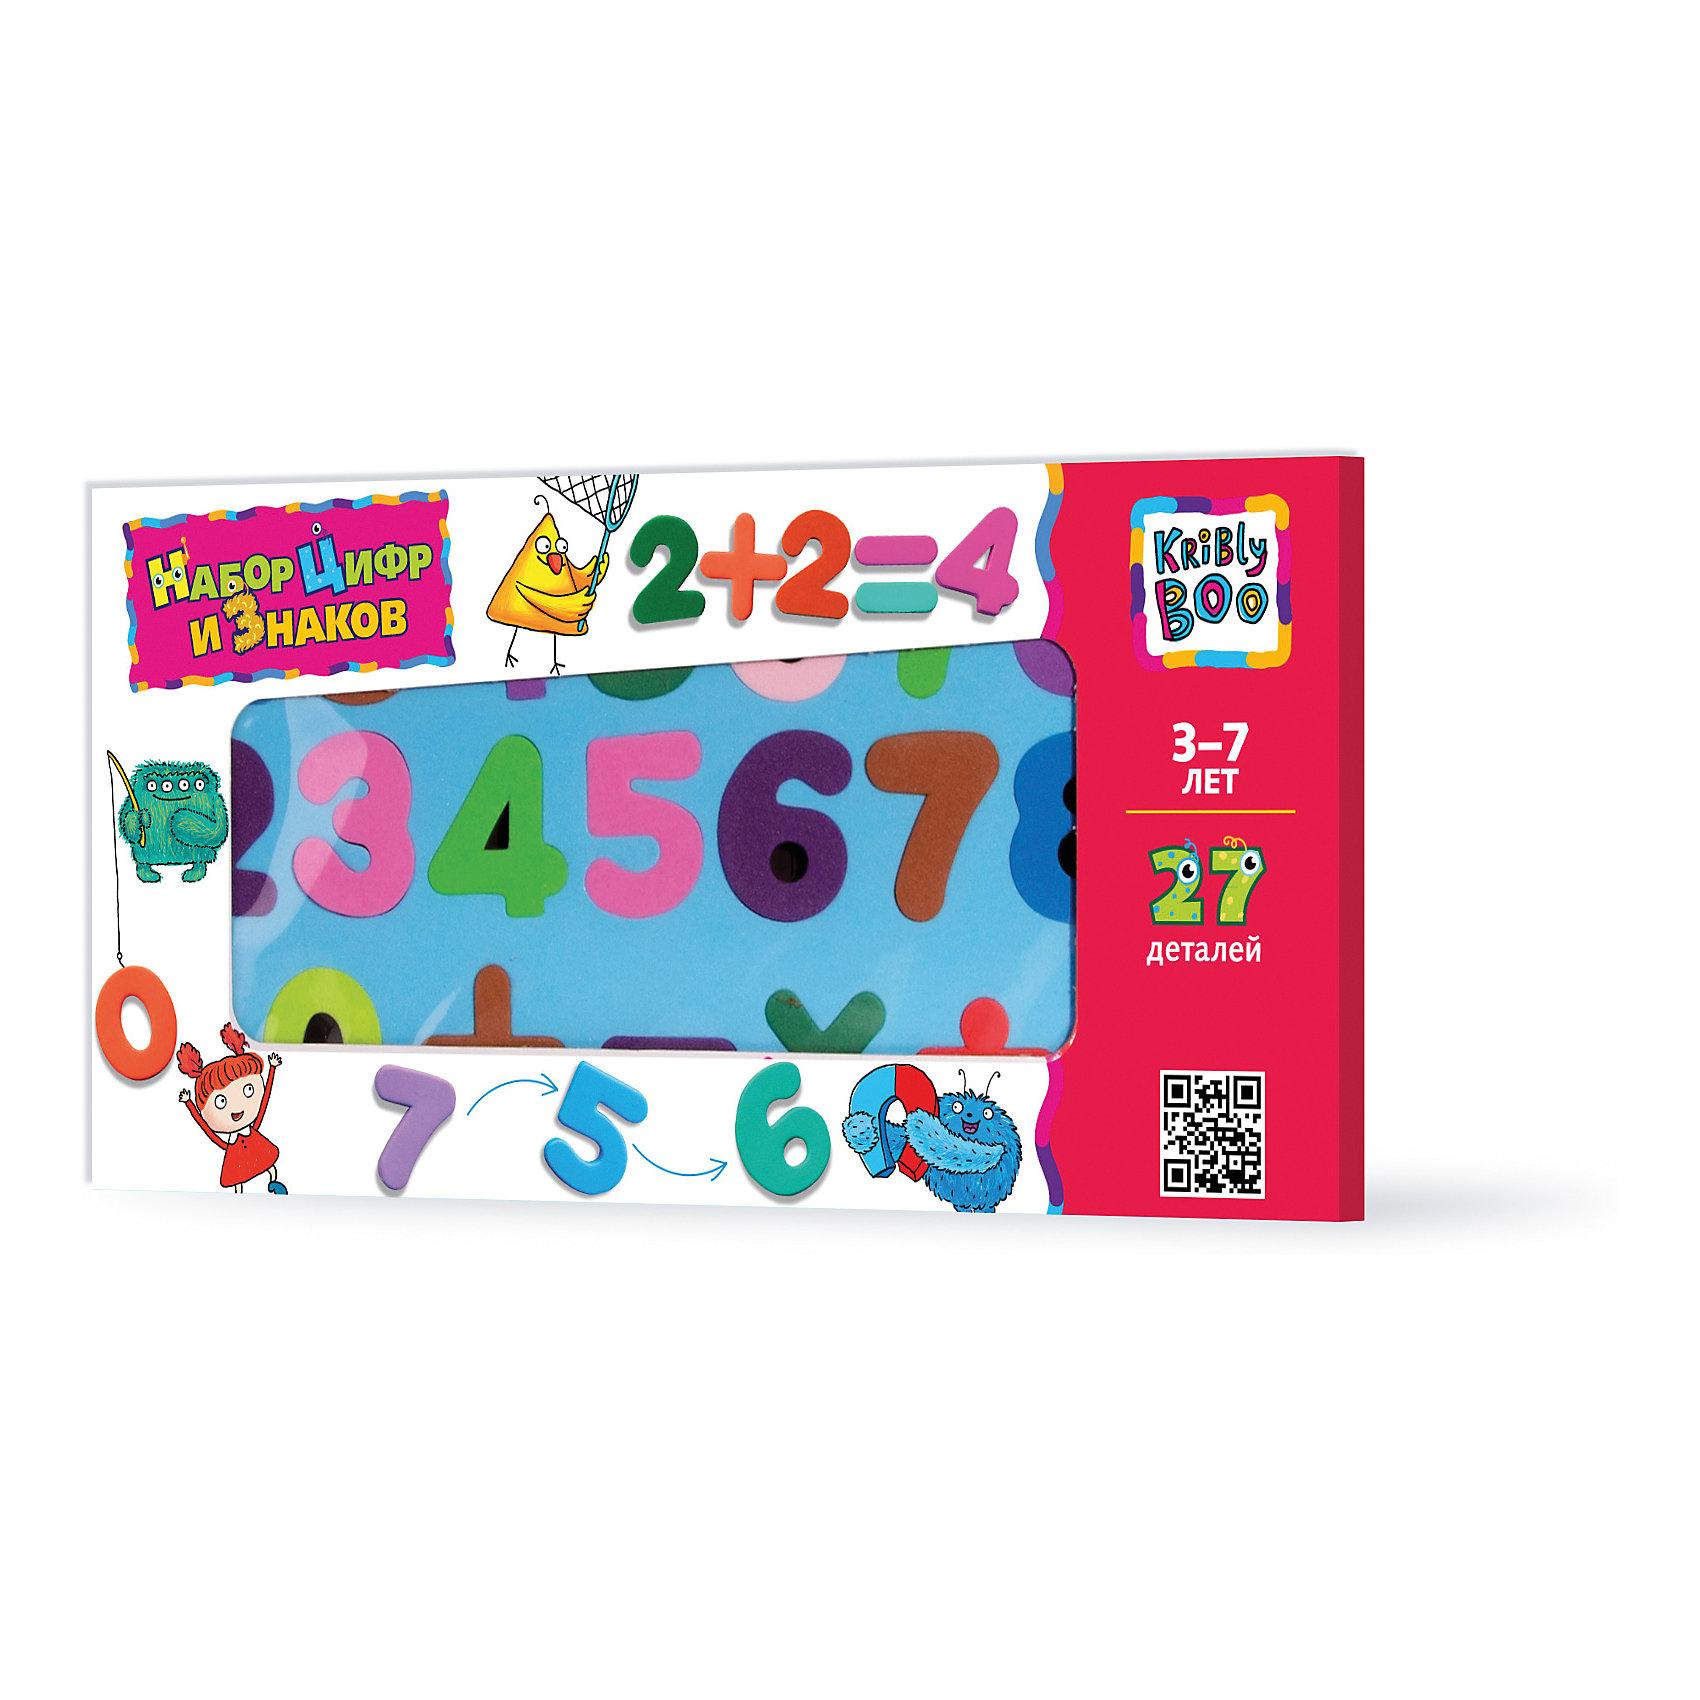 Набор цифр и знаков, 27 деталей